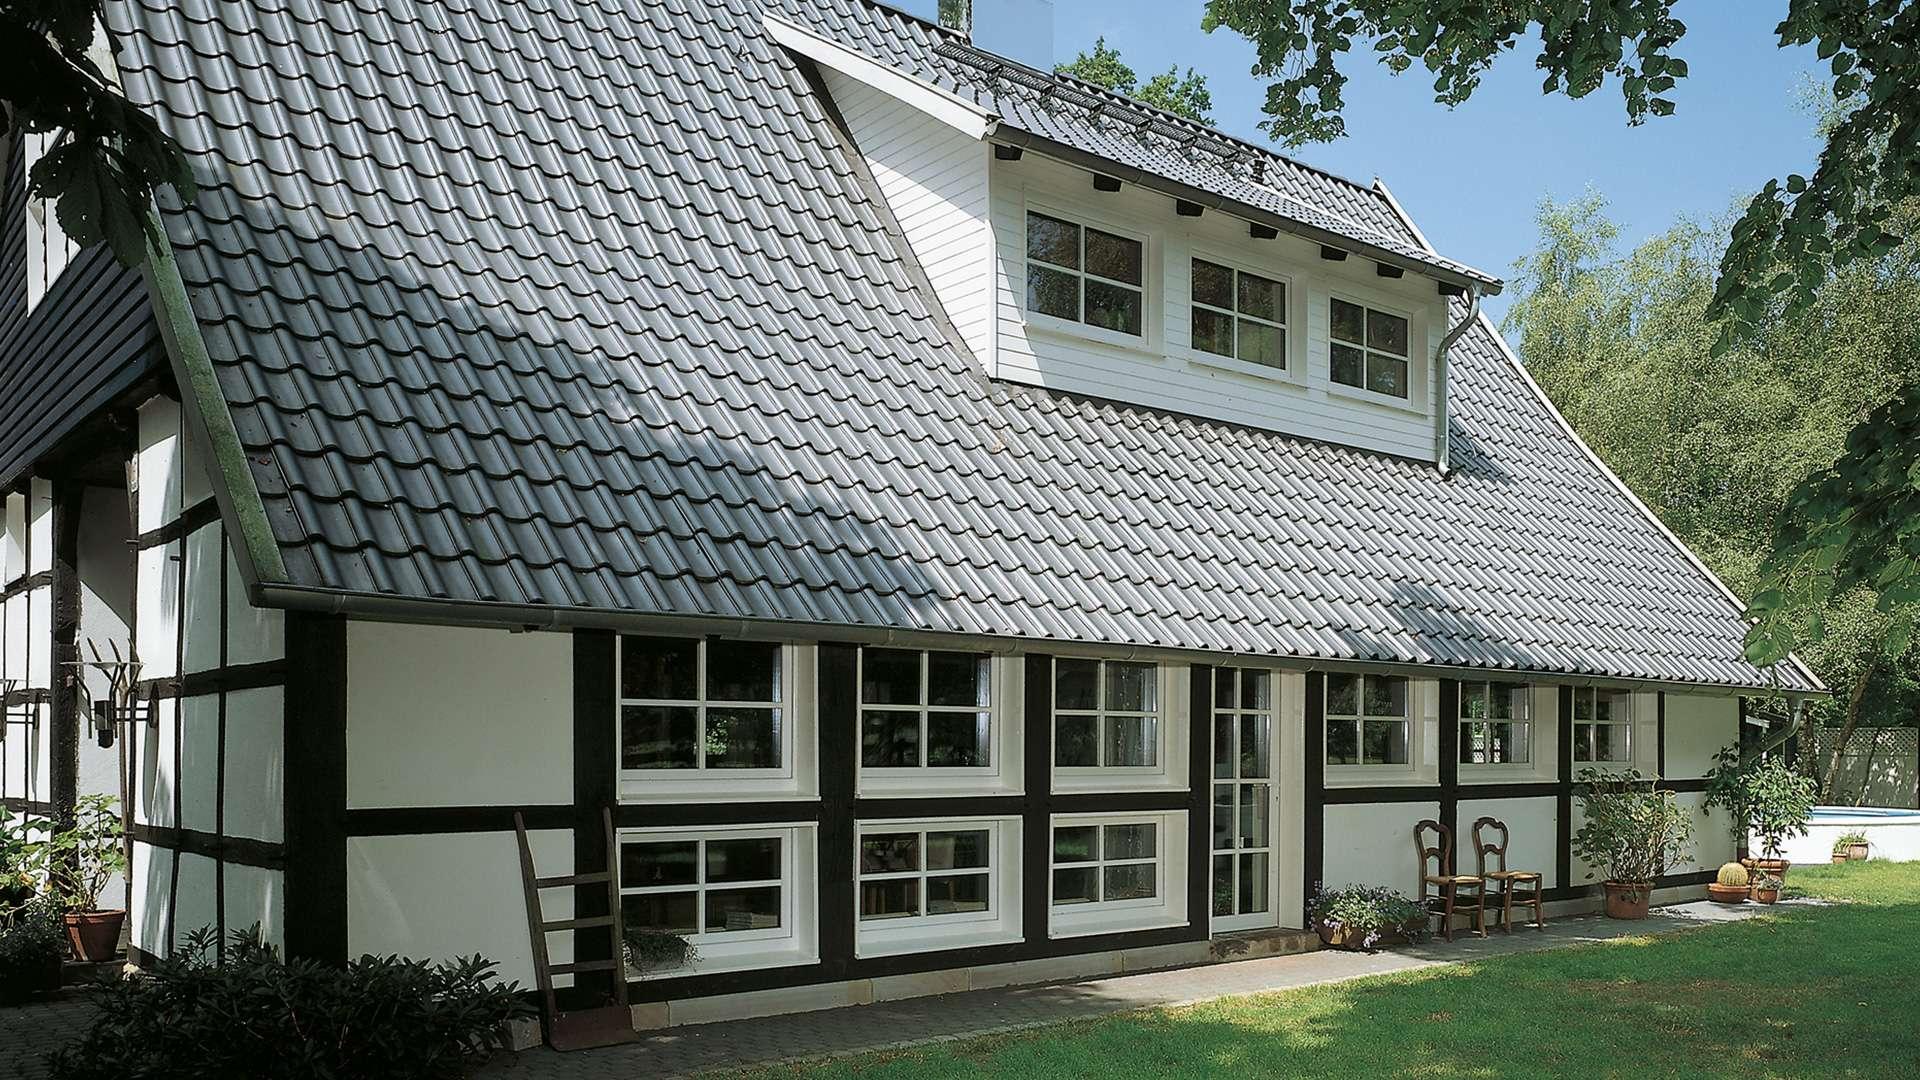 Fachwerkhaus mit vielen Sprossenfenstern